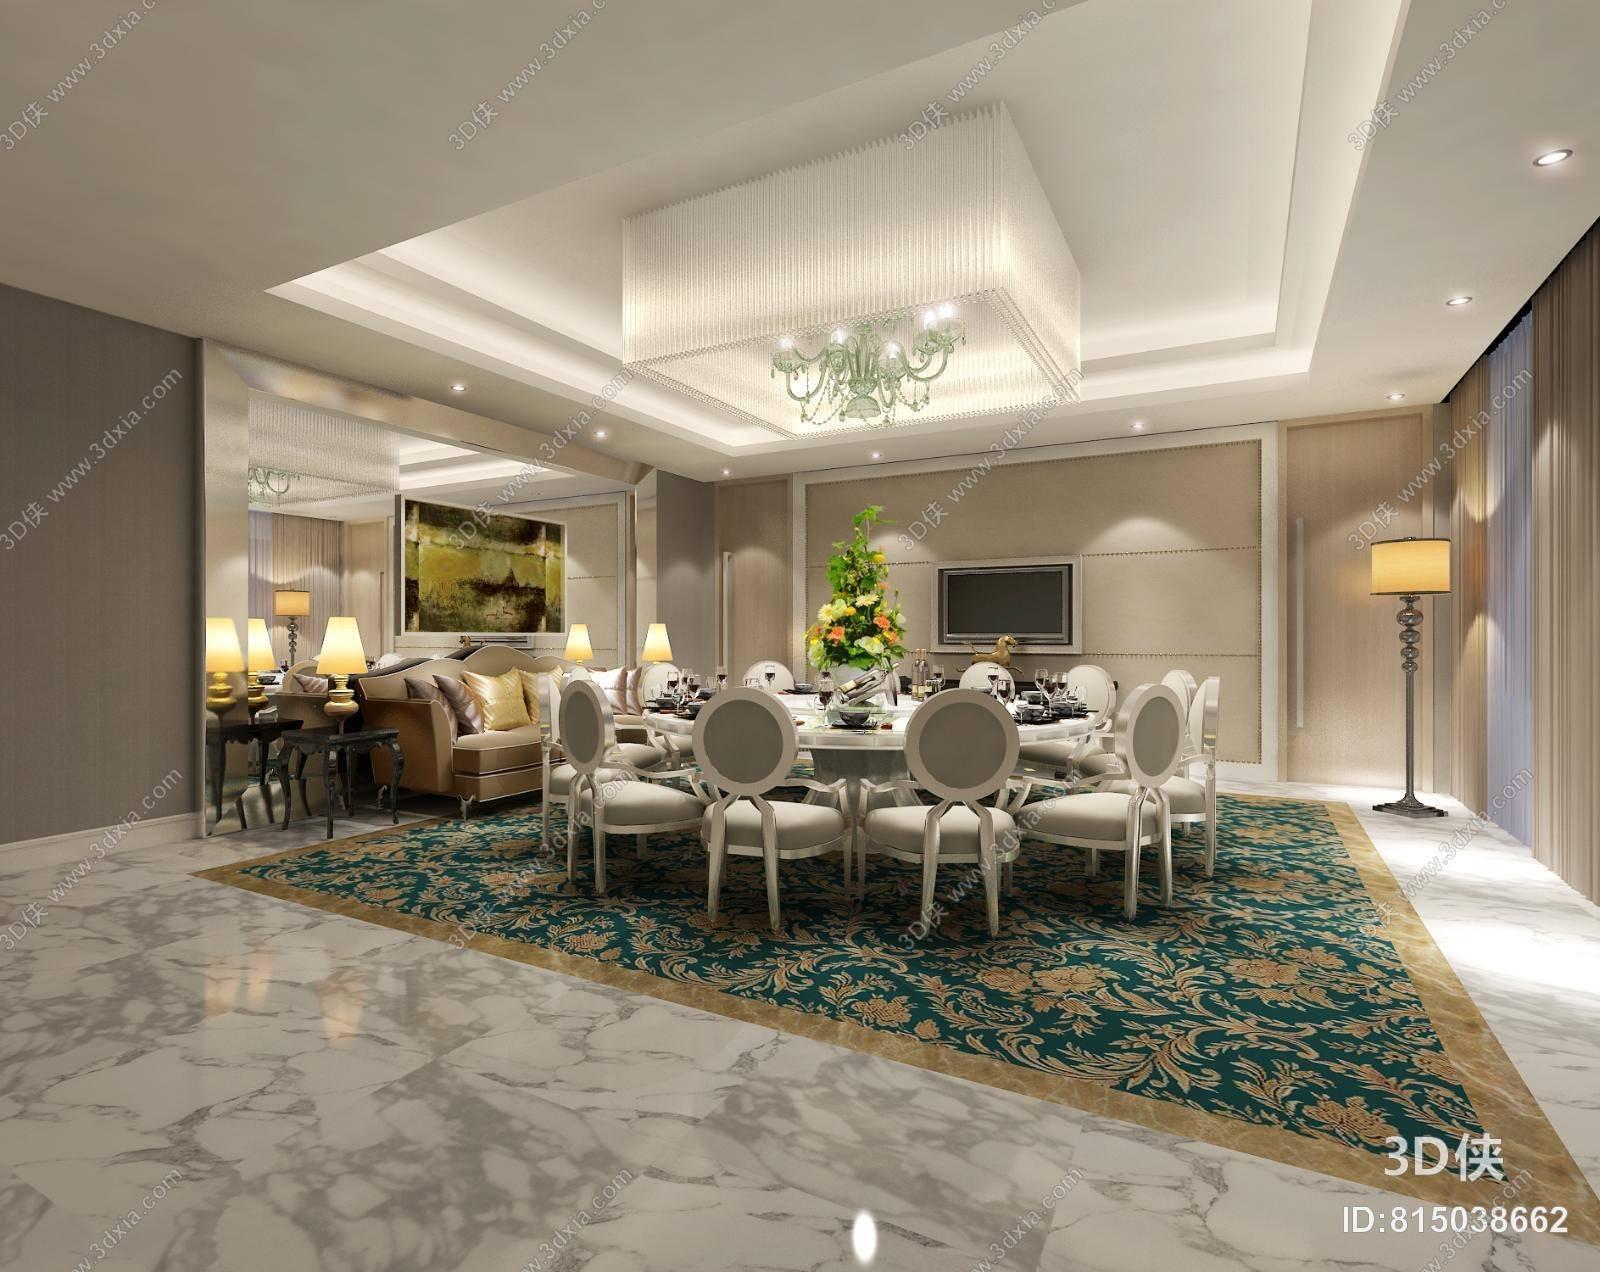 欧式简约别墅餐厅 欧式简约白色水晶吊灯 绿色吊灯组合 欧式简约餐桌